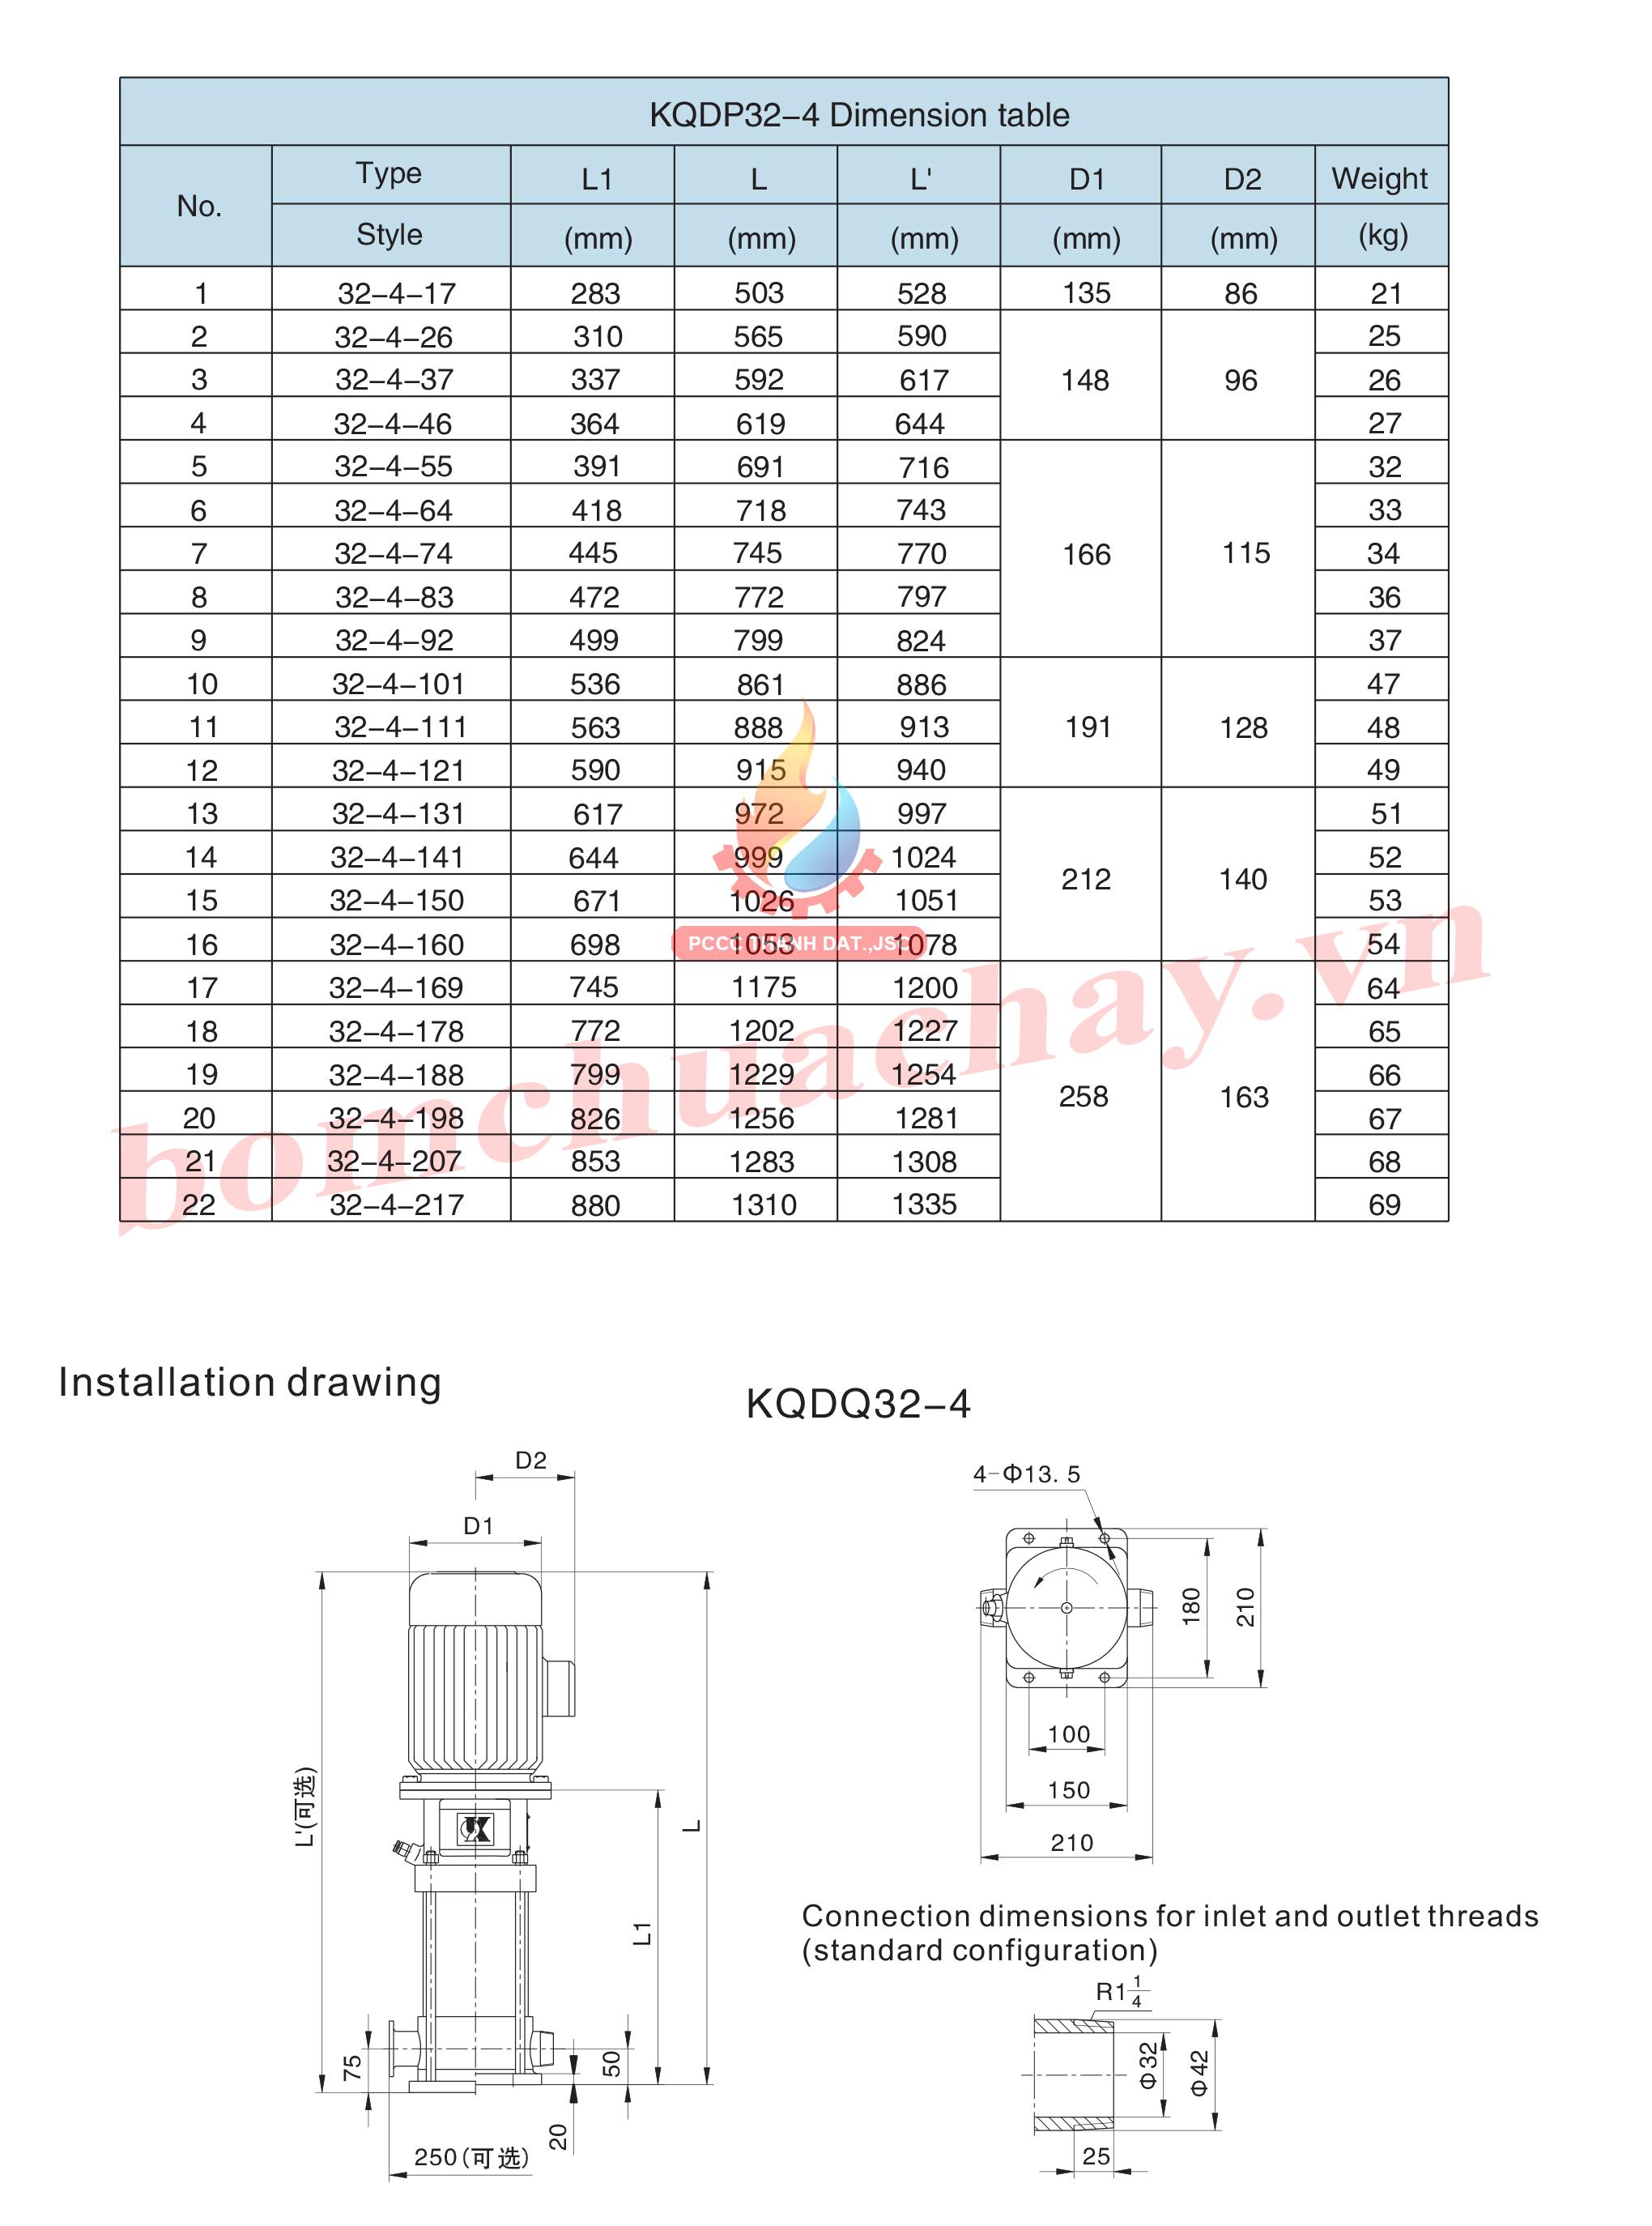 máy bơm bù áp KQDP/KQDQ32-4-169 7.5HP